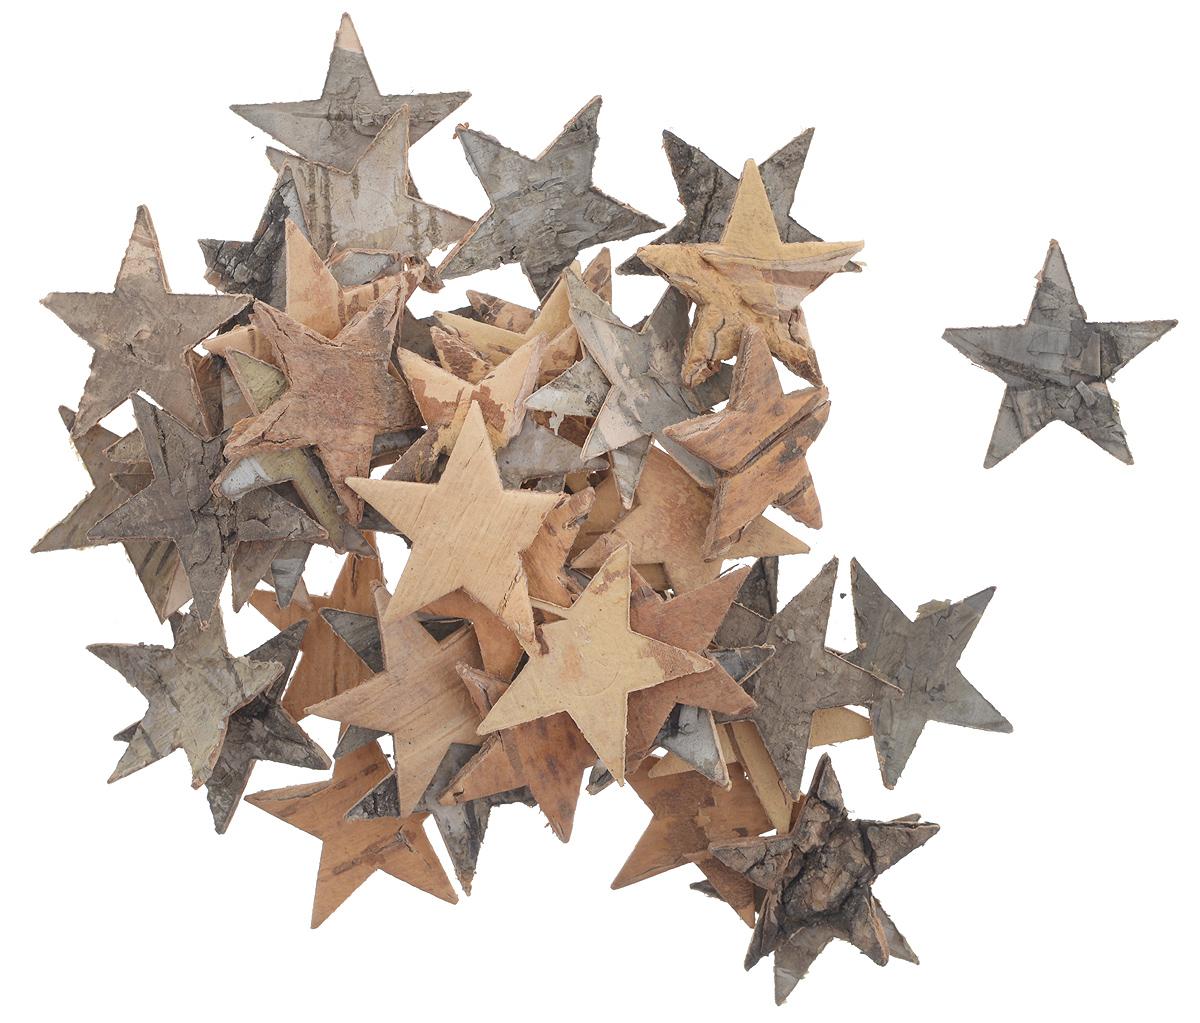 Декоративный элемент Dongjiang Art Звезда, цвет: натуральное дерево, 50 шт7709005_нат/деревоДекоративный элемент Dongjiang Art Звезда, изготовленный из натуральной коры дерева, предназначен дляукрашения цветочных композиций. Изделие можно также использовать в технике скрапбукинг и многом другом.Флористика - вид декоративно-прикладного искусства, который использует живые, засушенные иликонсервированные природные материалы для создания флористических работ. Это целый мир, в котором естьместо и строгому математическому расчету, и вдохновению.Размеры одного элемента: 3 см х 2,5 см.